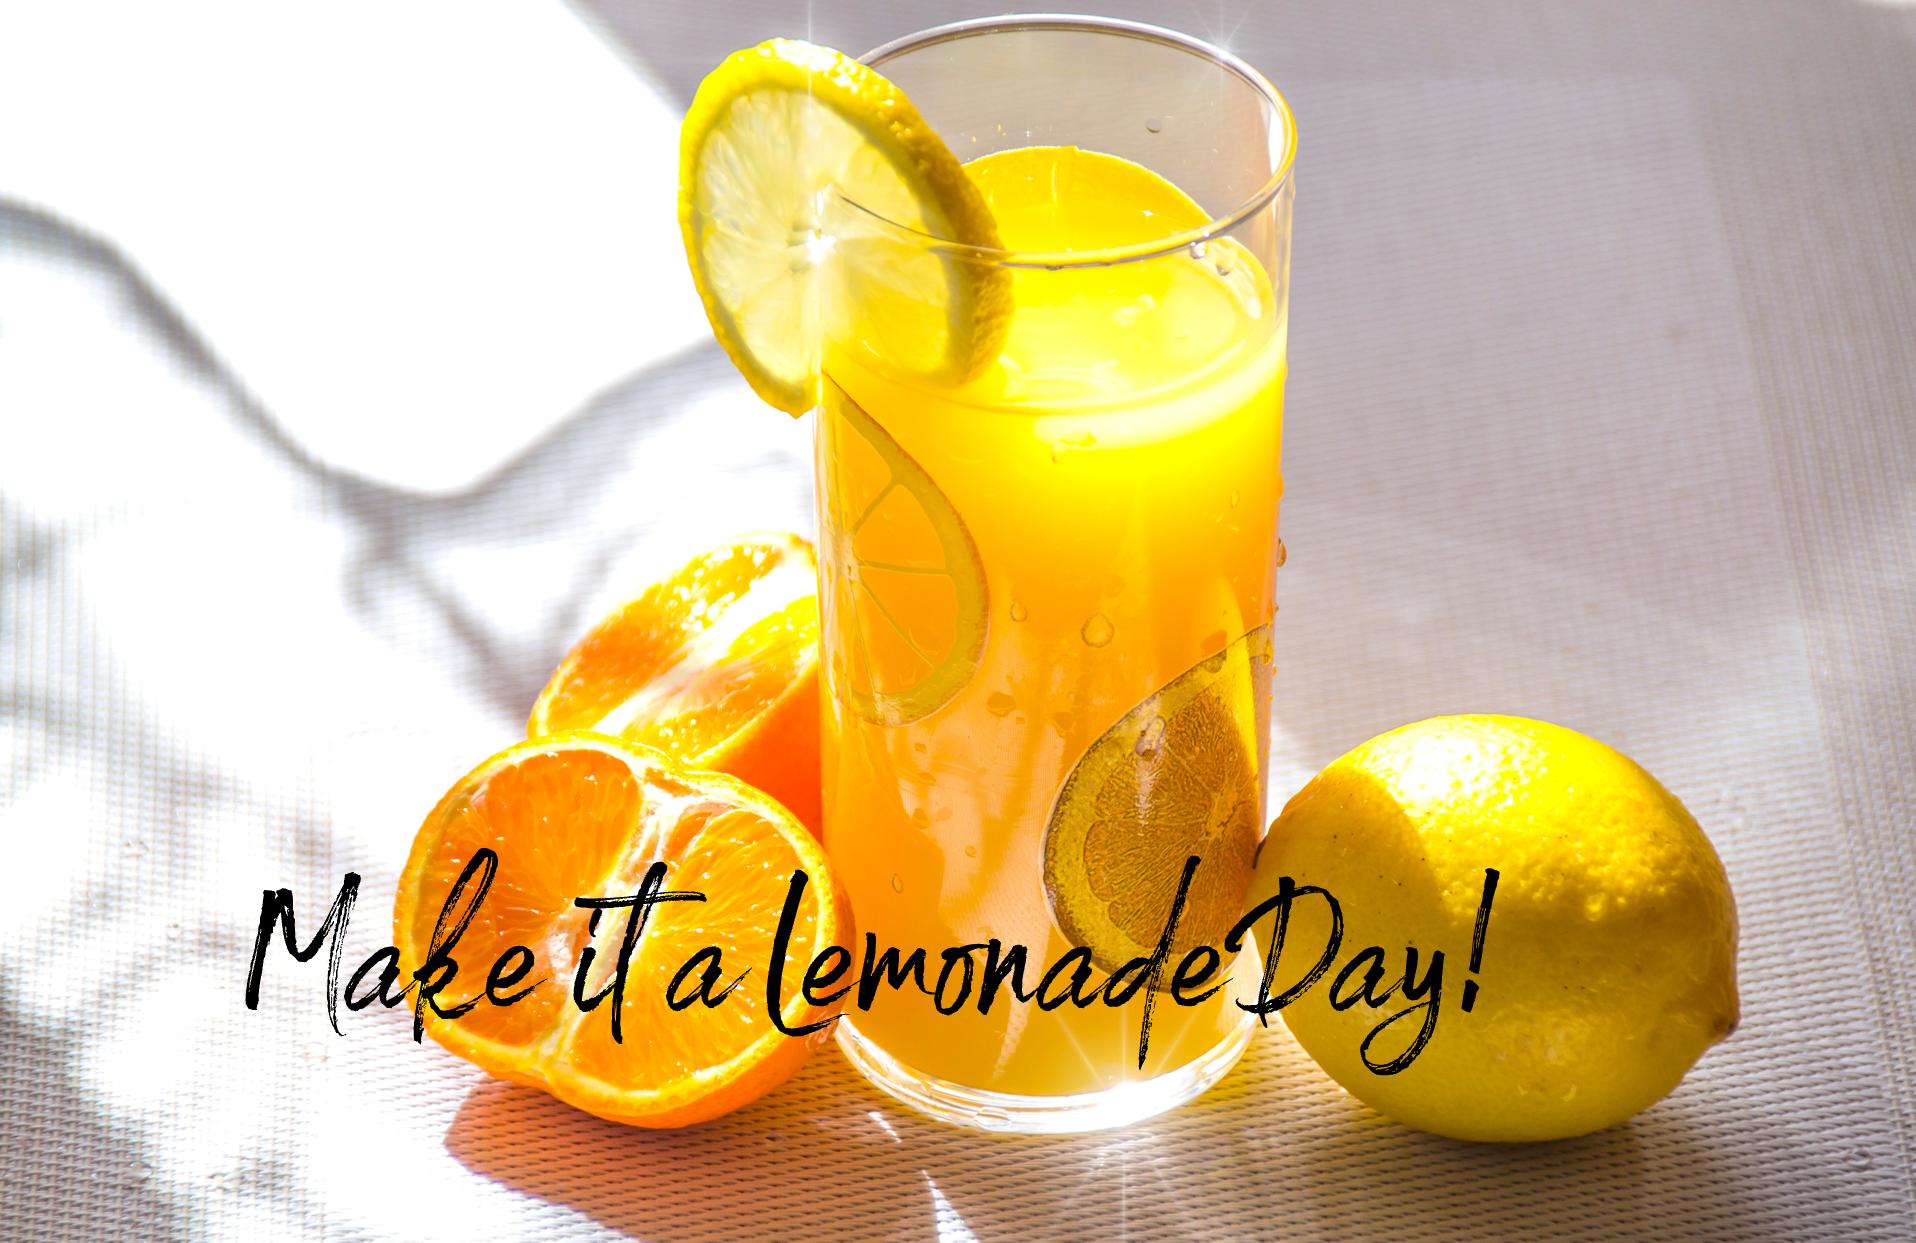 Making Lemonade Today!